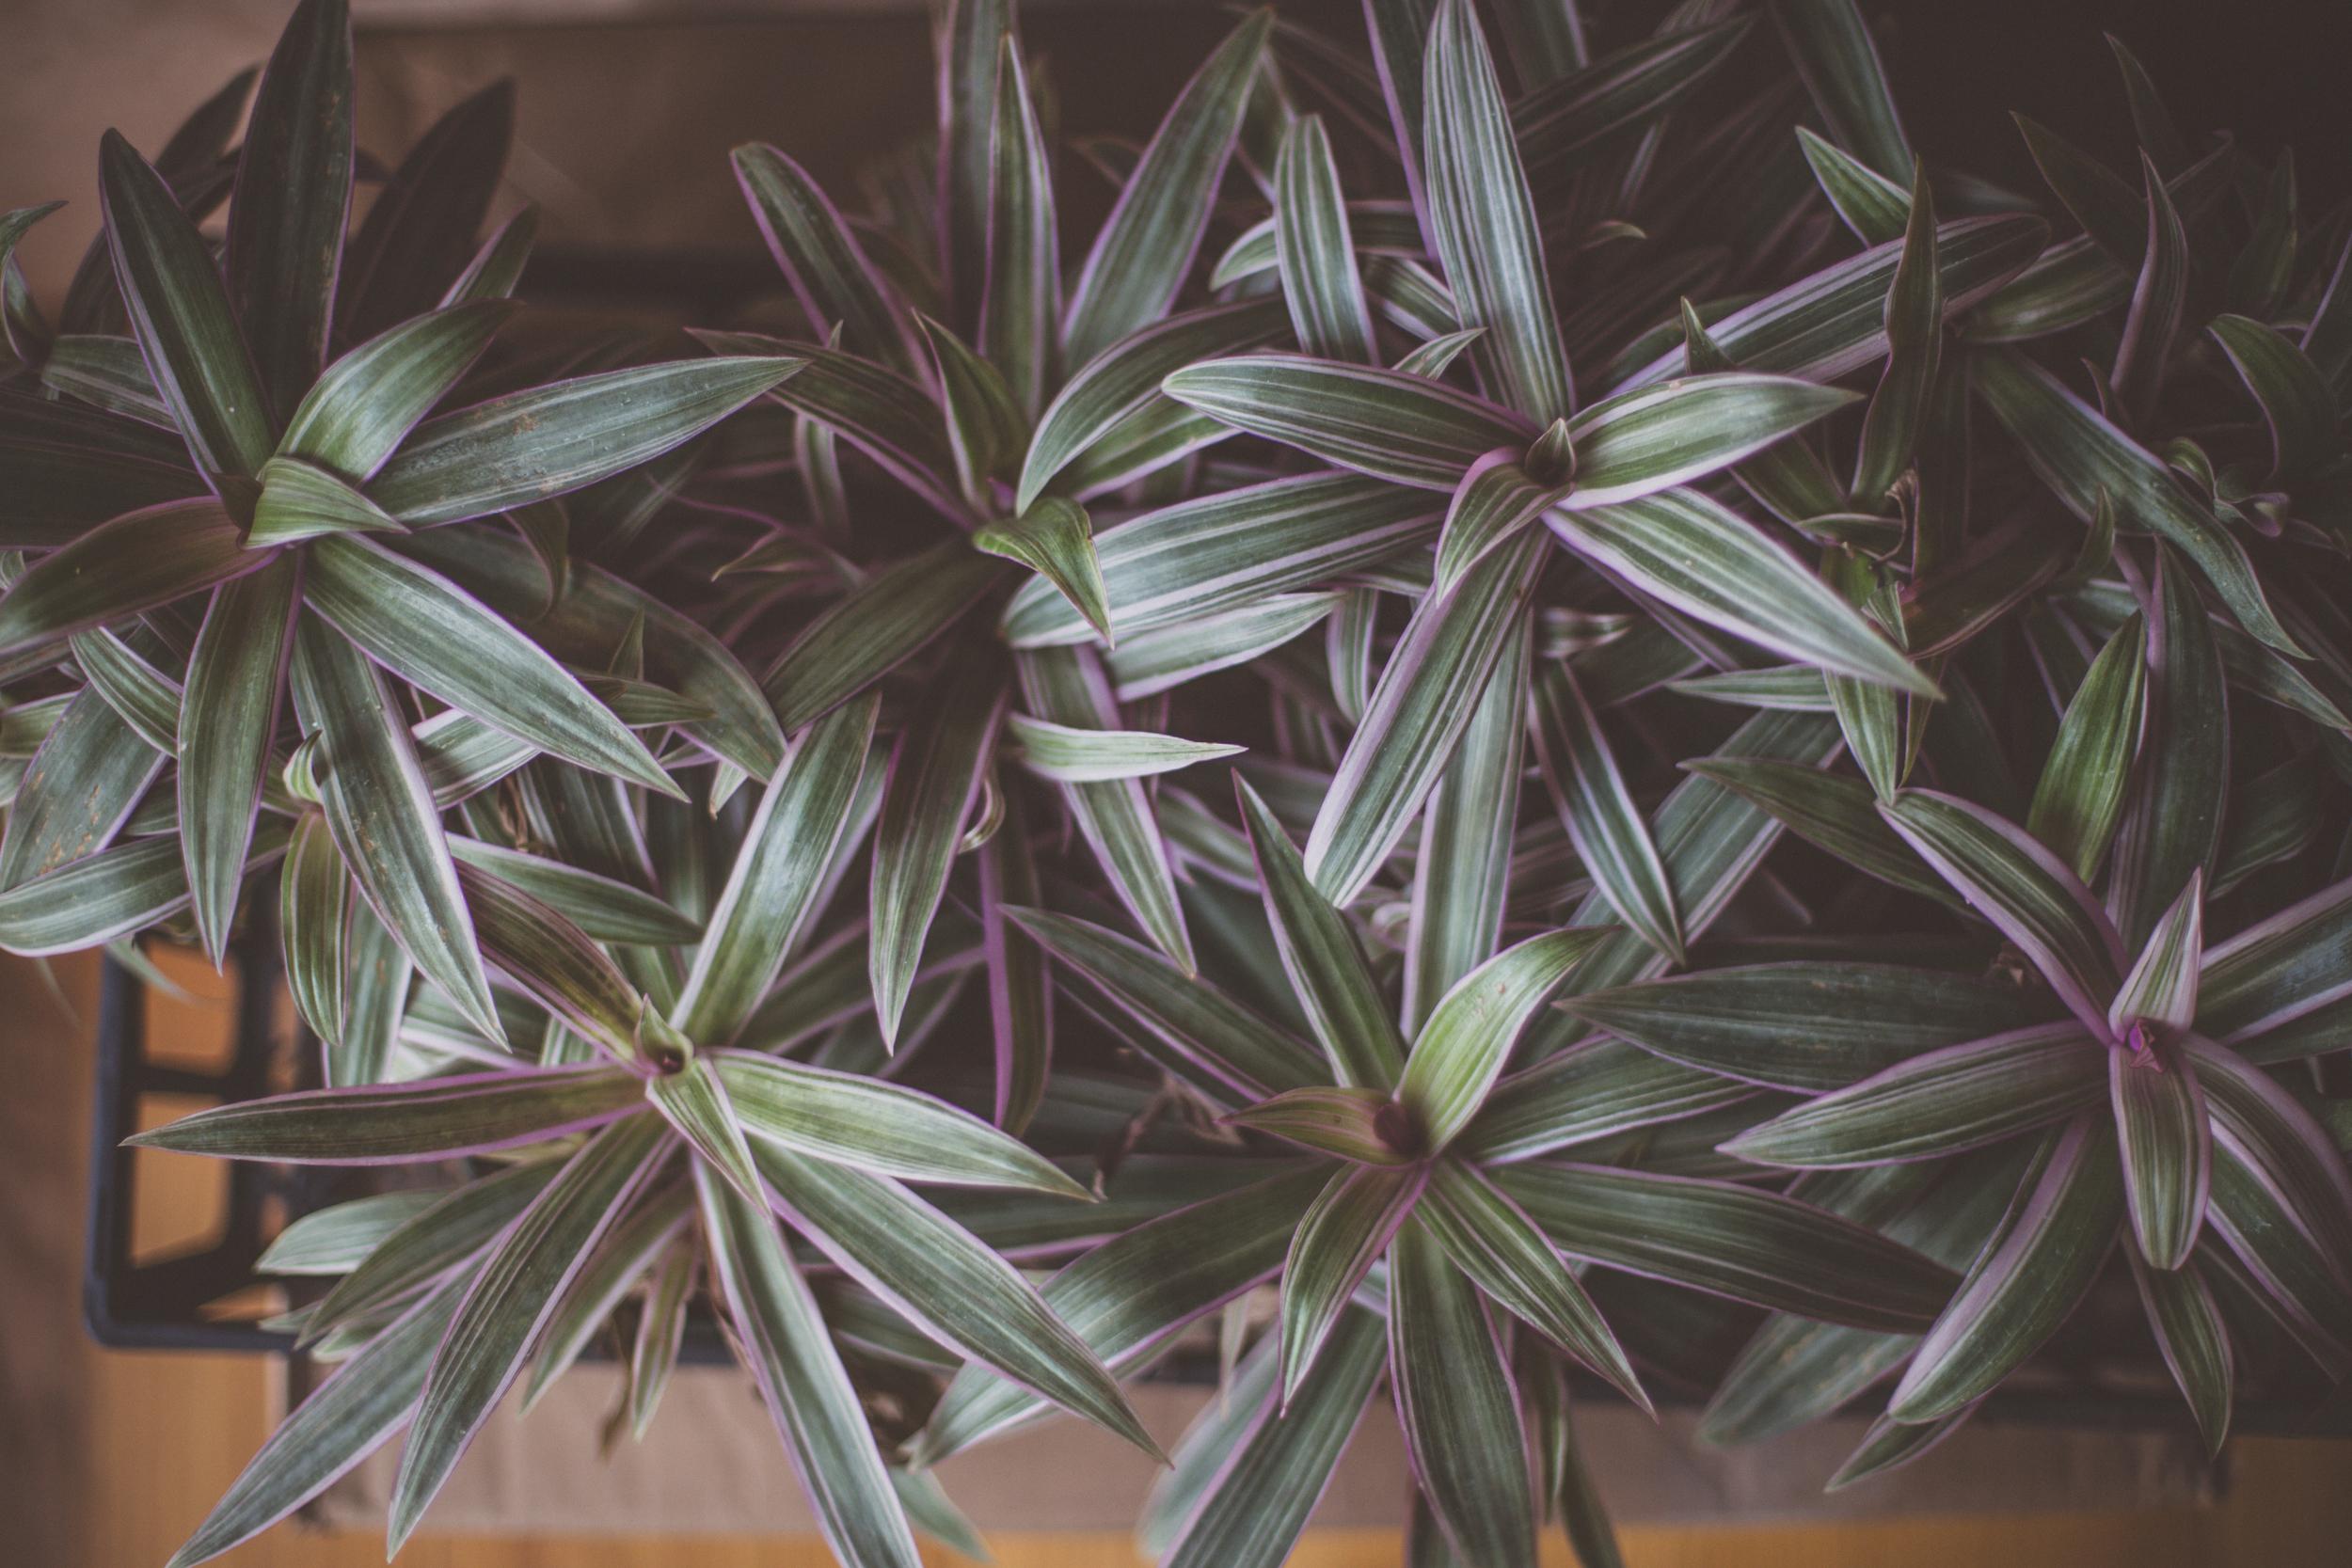 76 // 366 Plant haul pt. 2